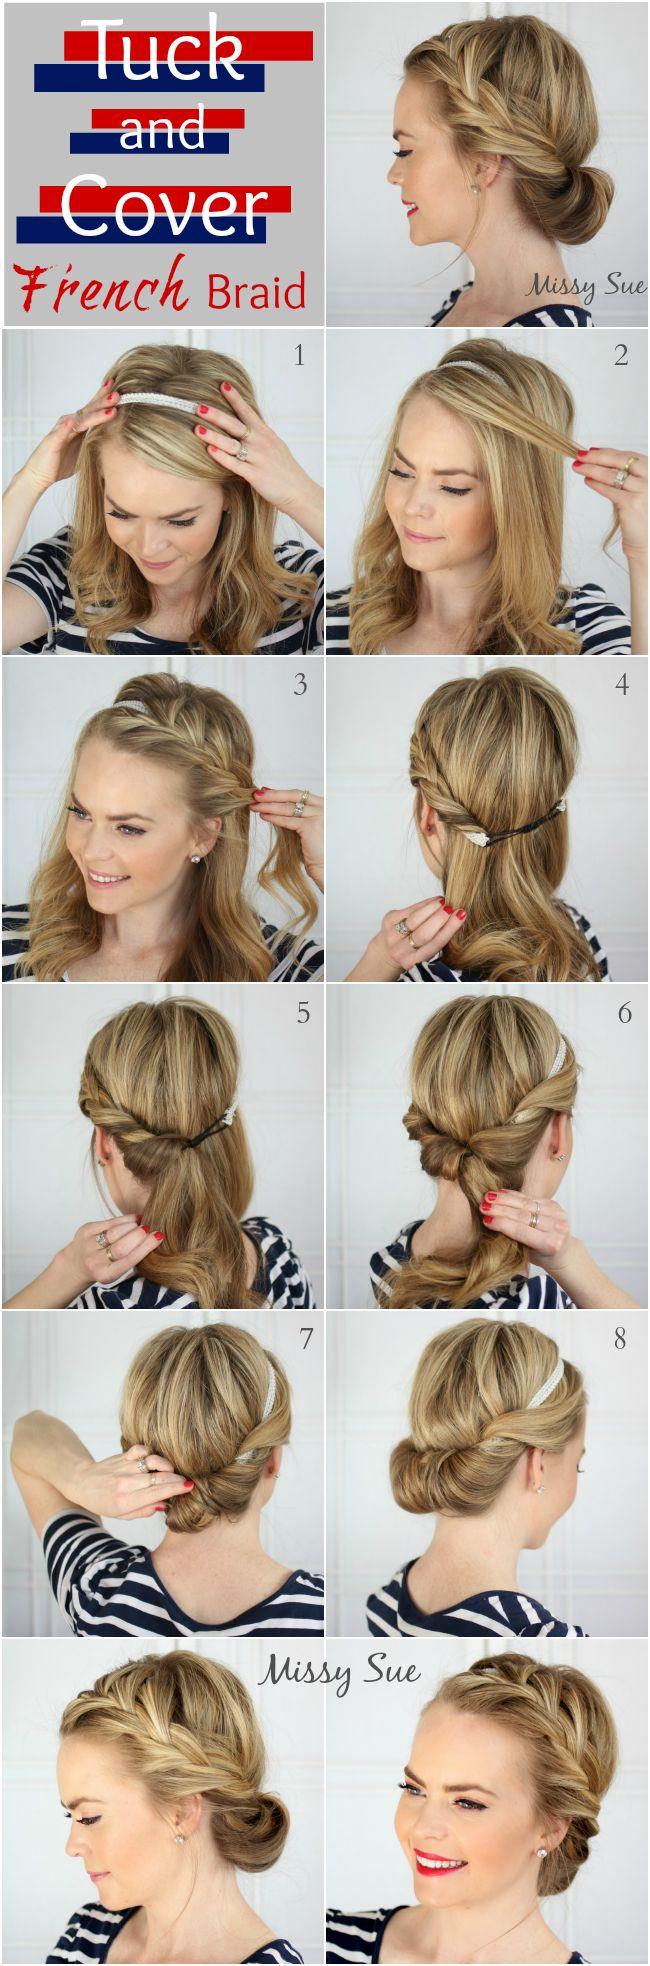 16 Penteados impressionantes com tutoriais passo-a-passo